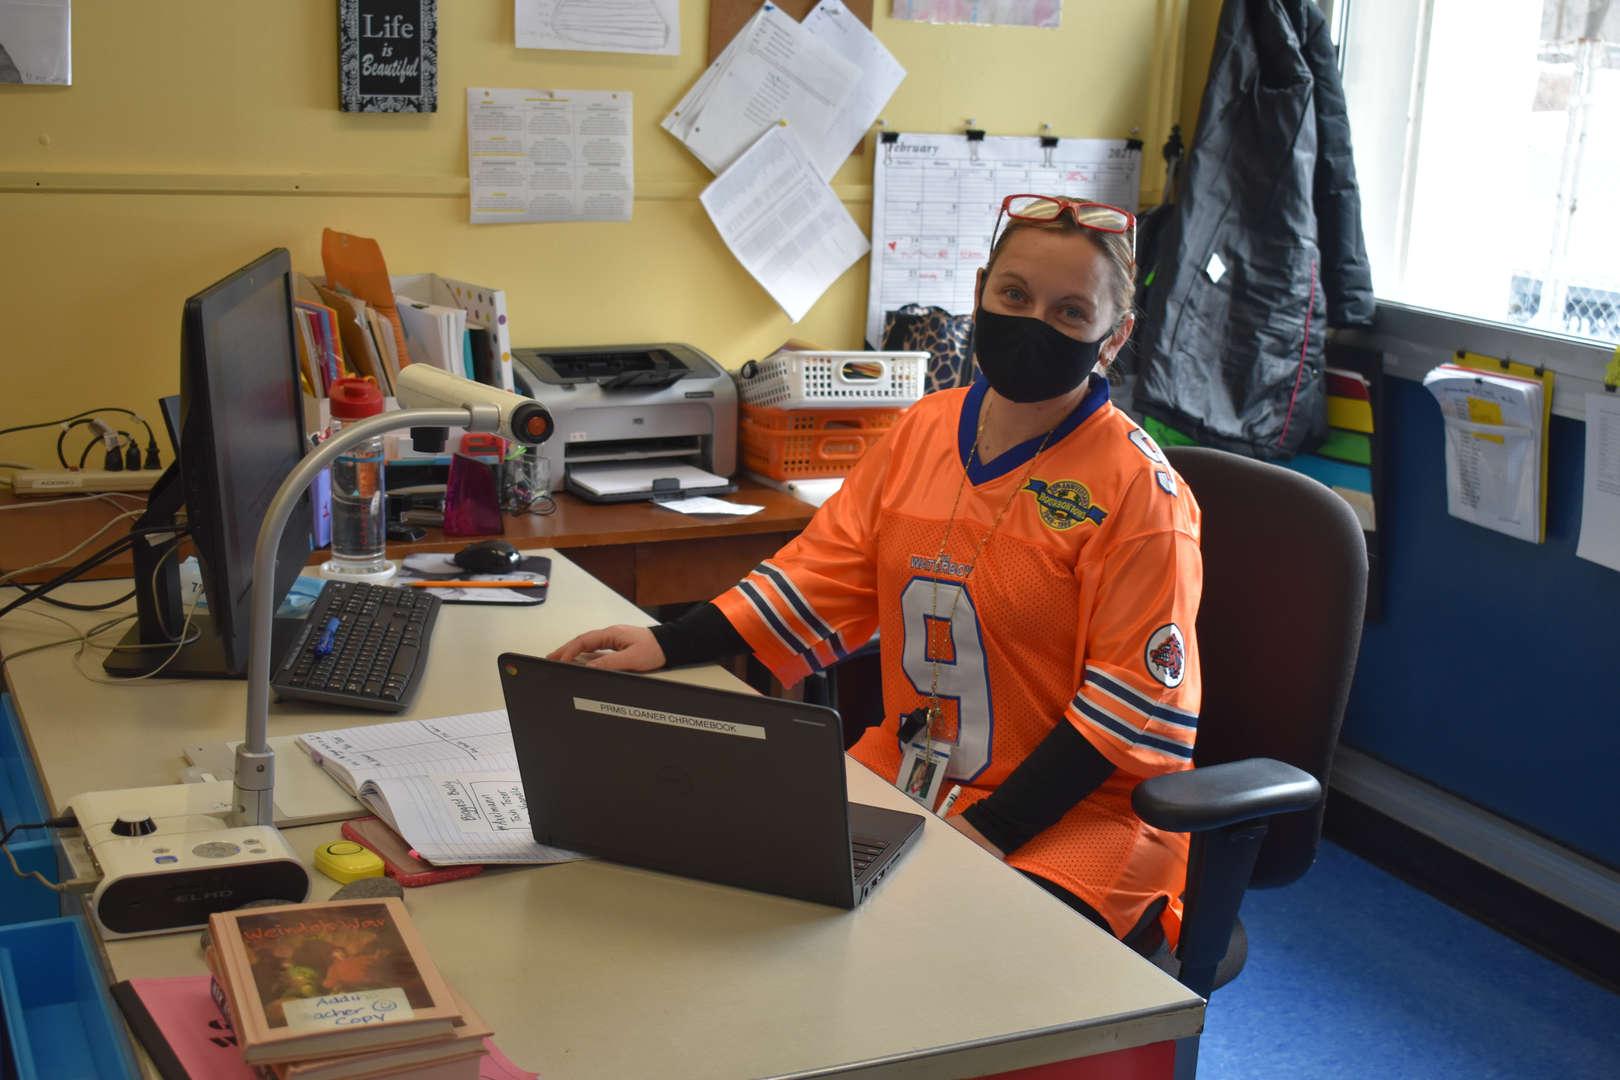 sports jersey at teacher desk